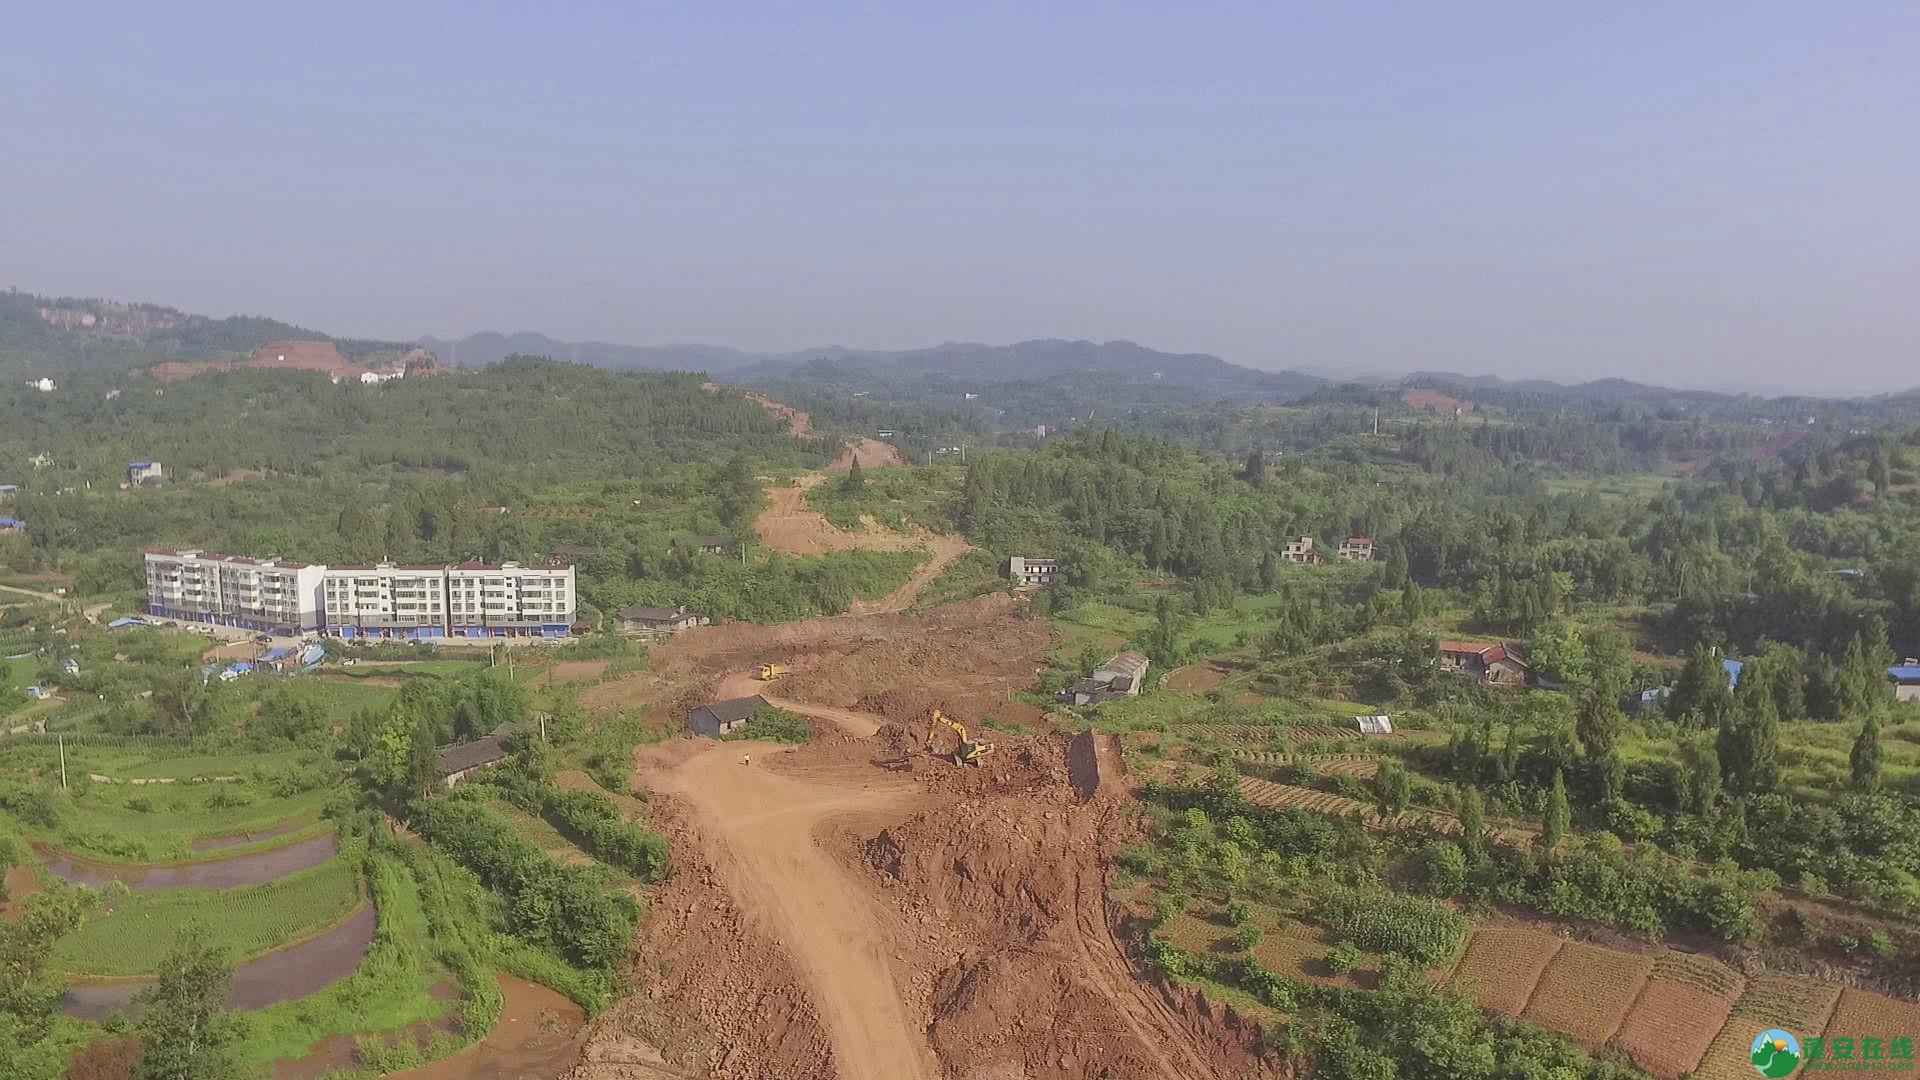 蓬安锦屏段S305省道改线工程进展 - 第9张  | 蓬安在线